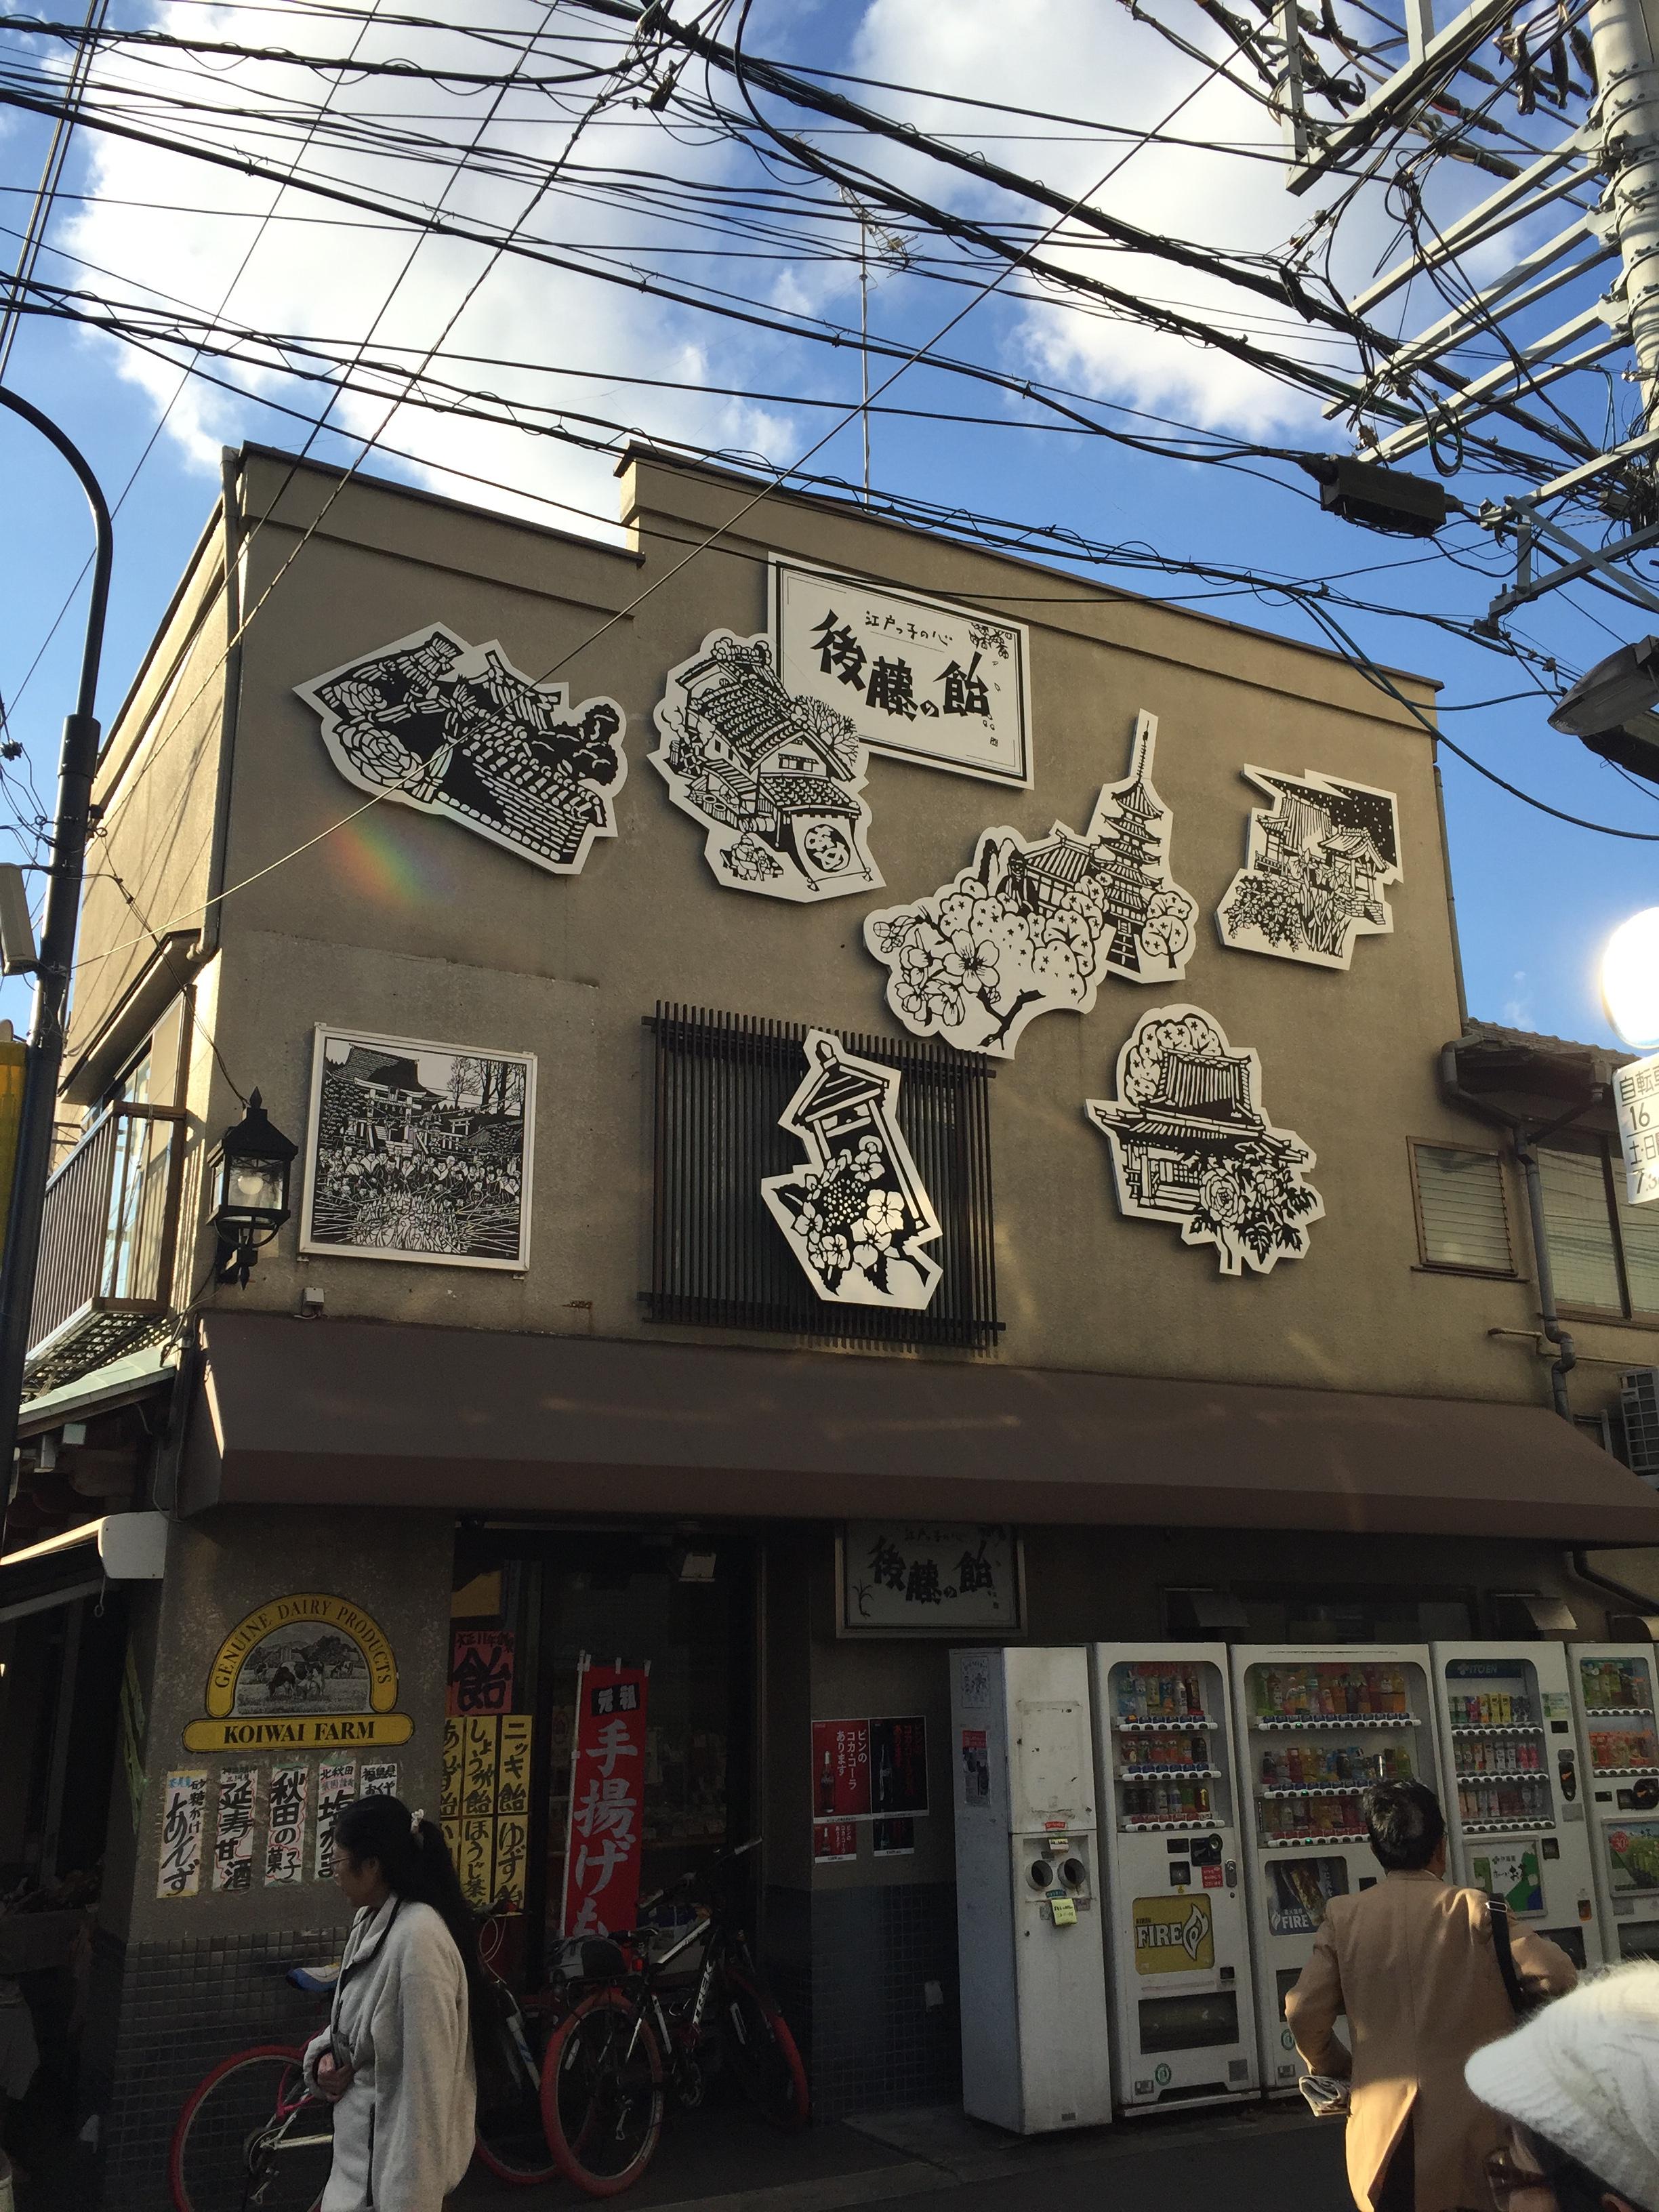 2016東京6天自由行 (第三天 水戶偕樂園,谷根千,池袋)   CowCow - 牛牛之家